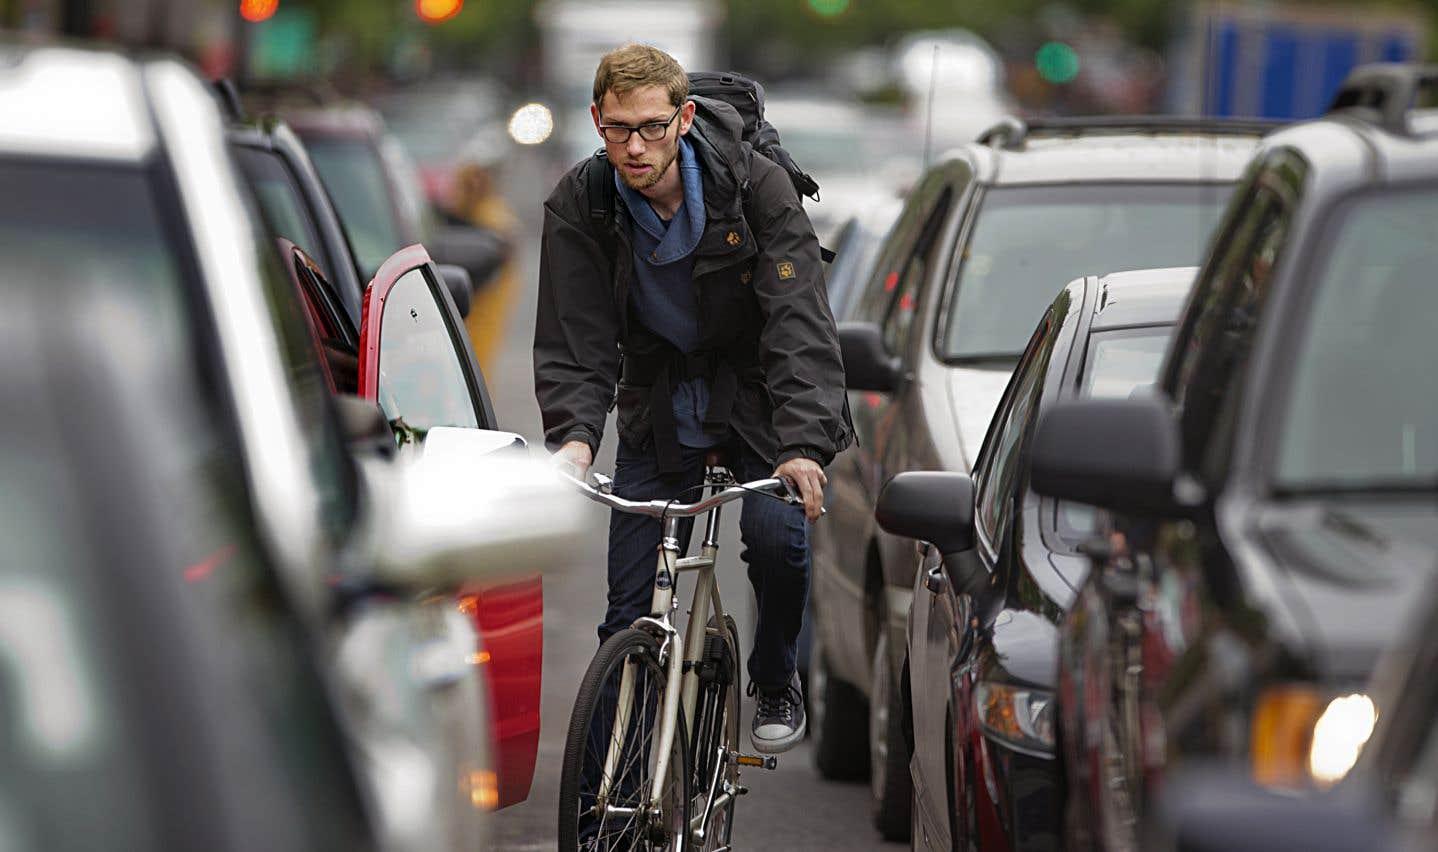 Interdire les voitures polluantes pour une meilleure qualité de l'air